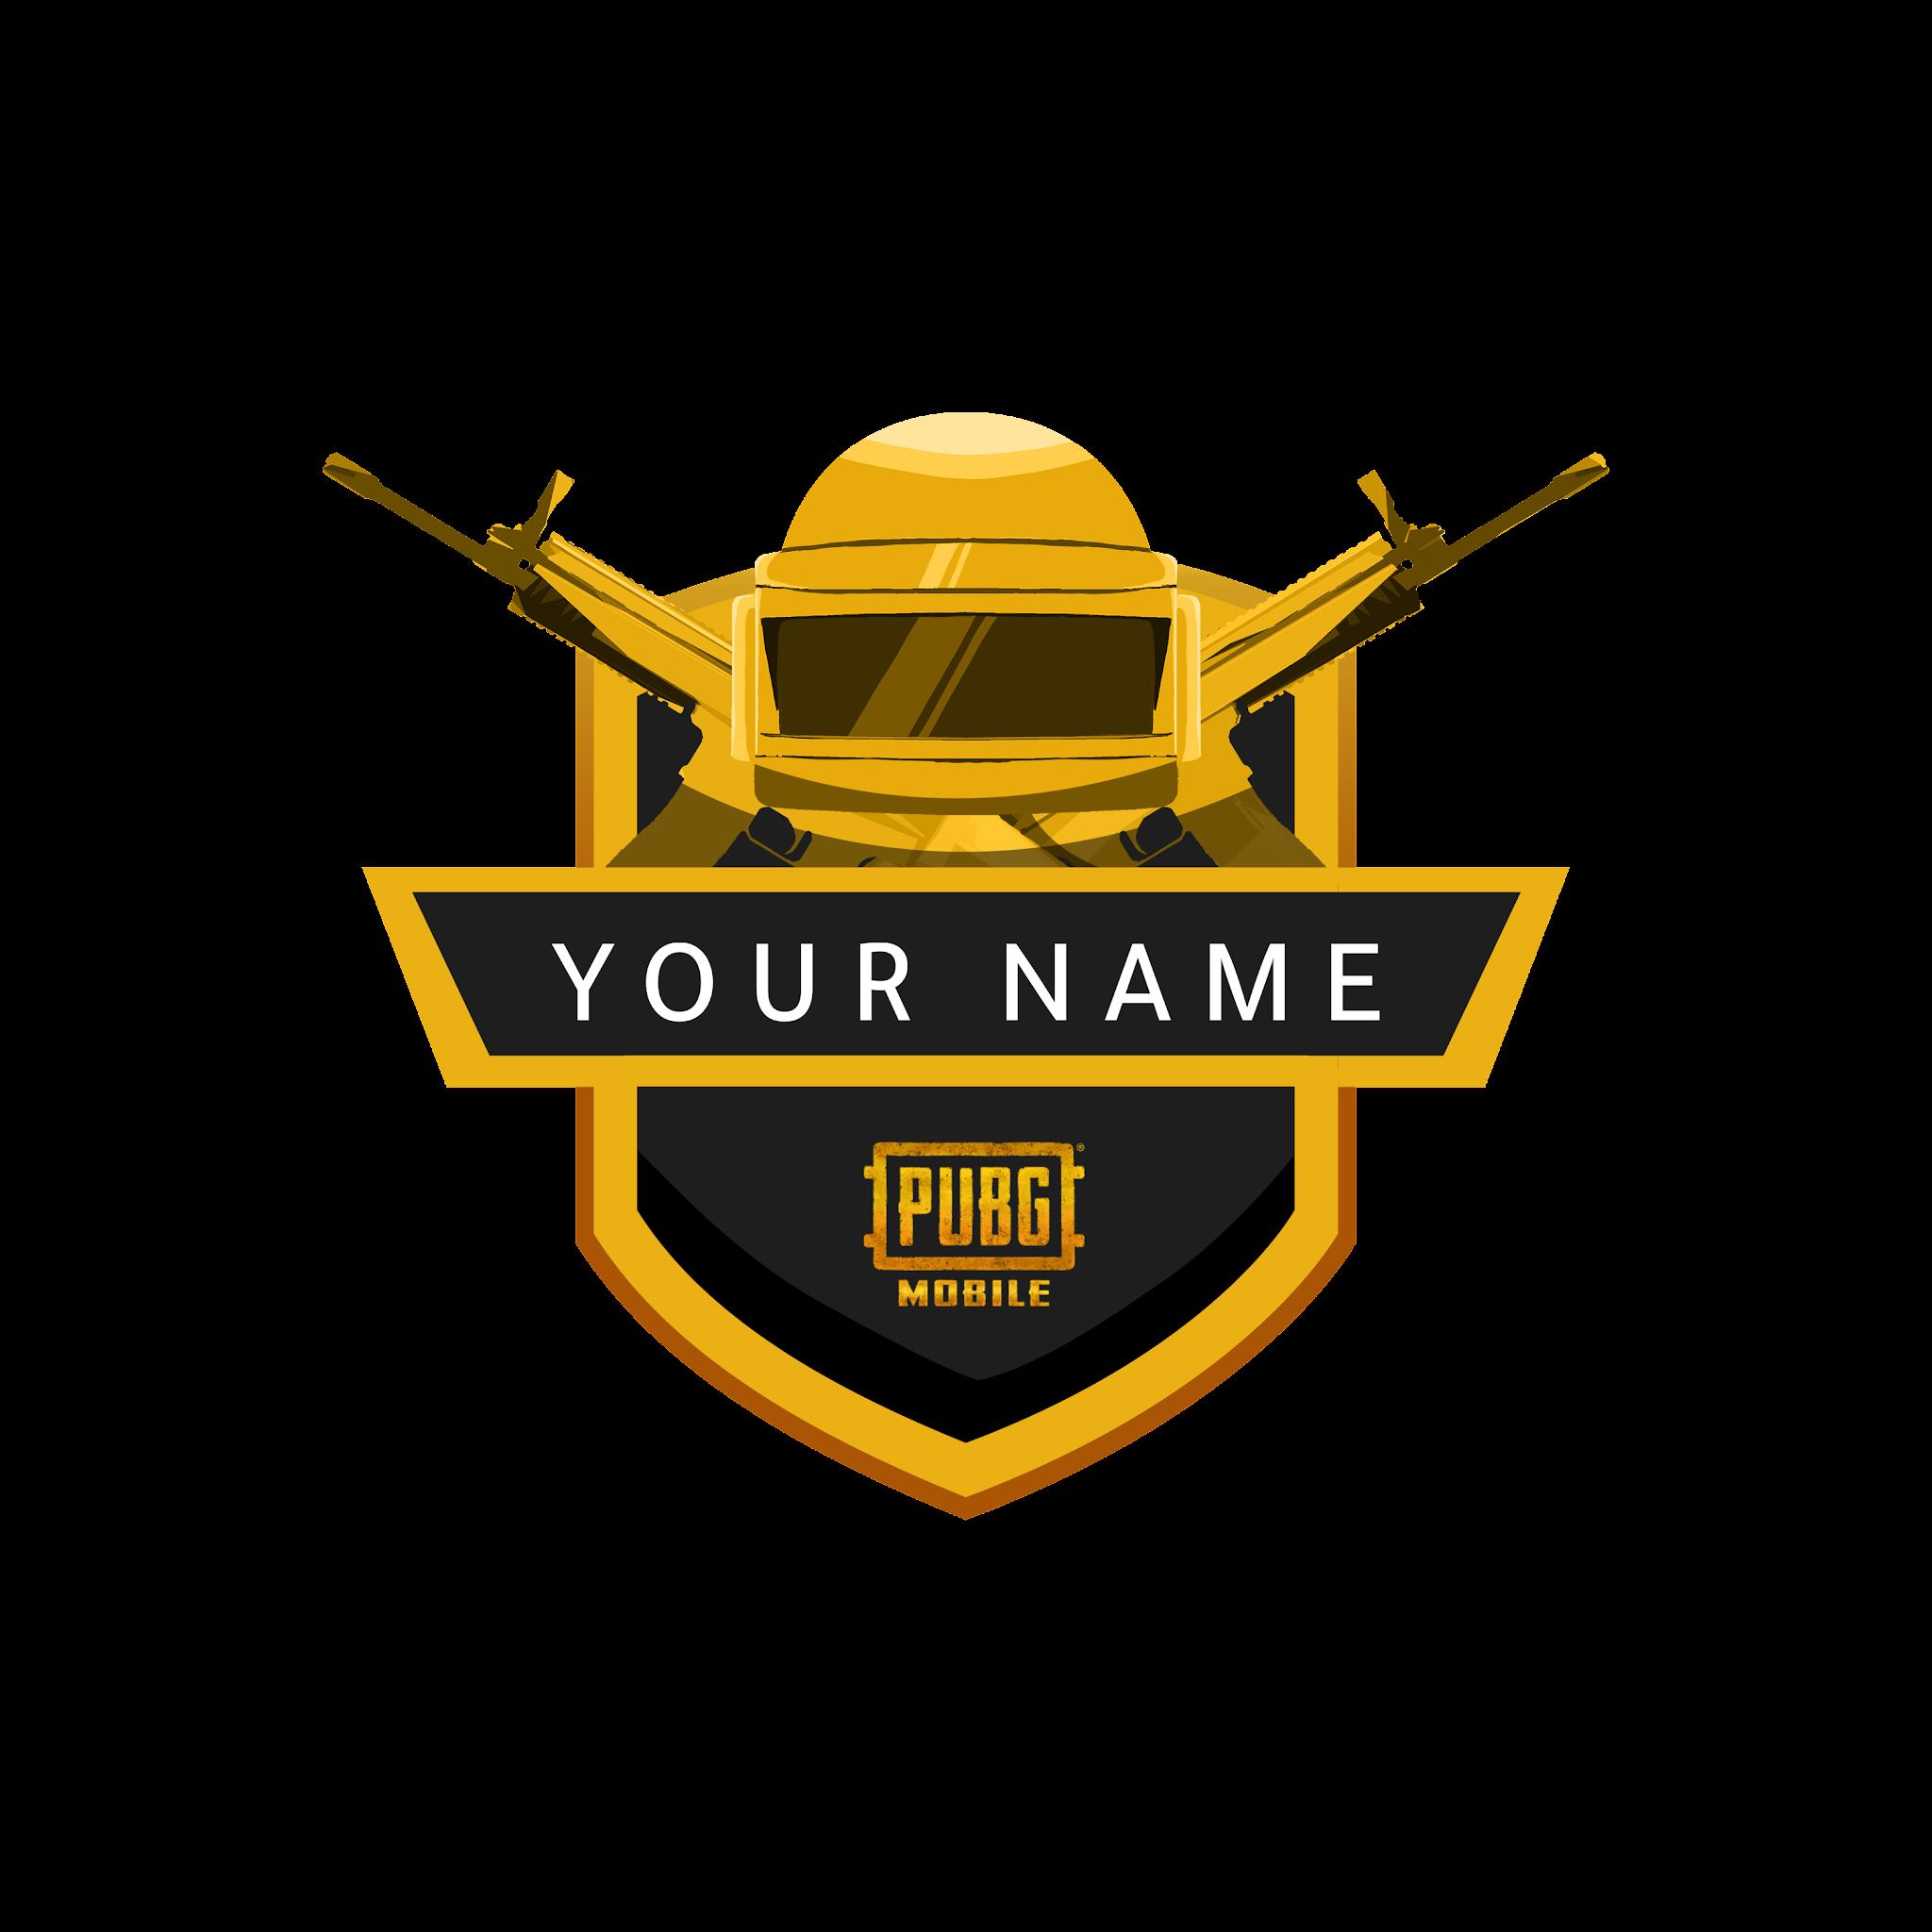 تحميل شعار ببجي بدون اسم مجاناً رائع بصيغة شفافة لوجو عالي الدقة Logo PUBG PNG